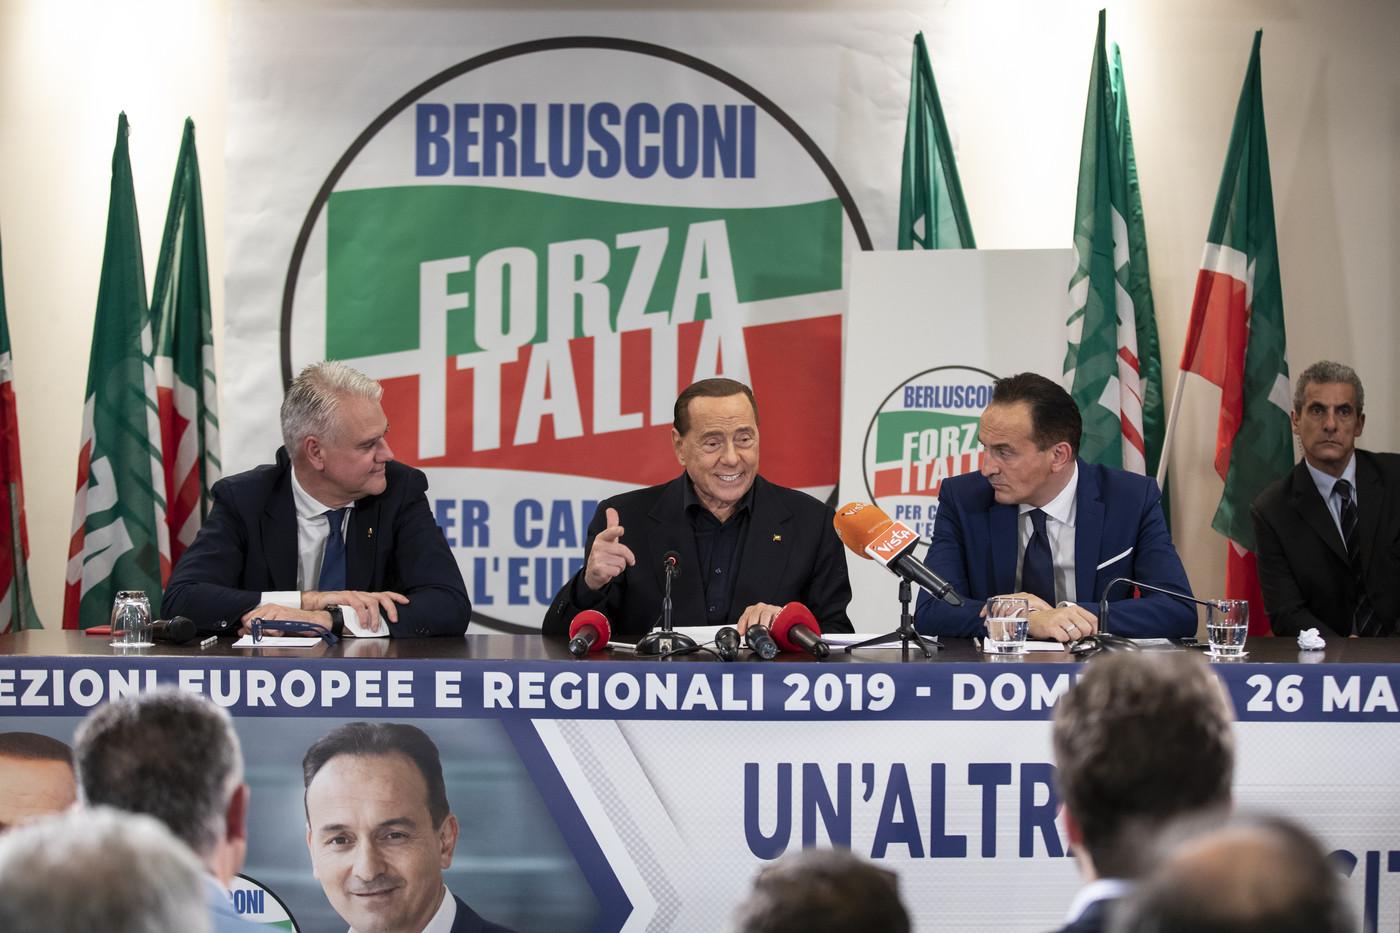 Europee, per antimafia Berlusconi è impresentabile. Lui guarda a governo cdx